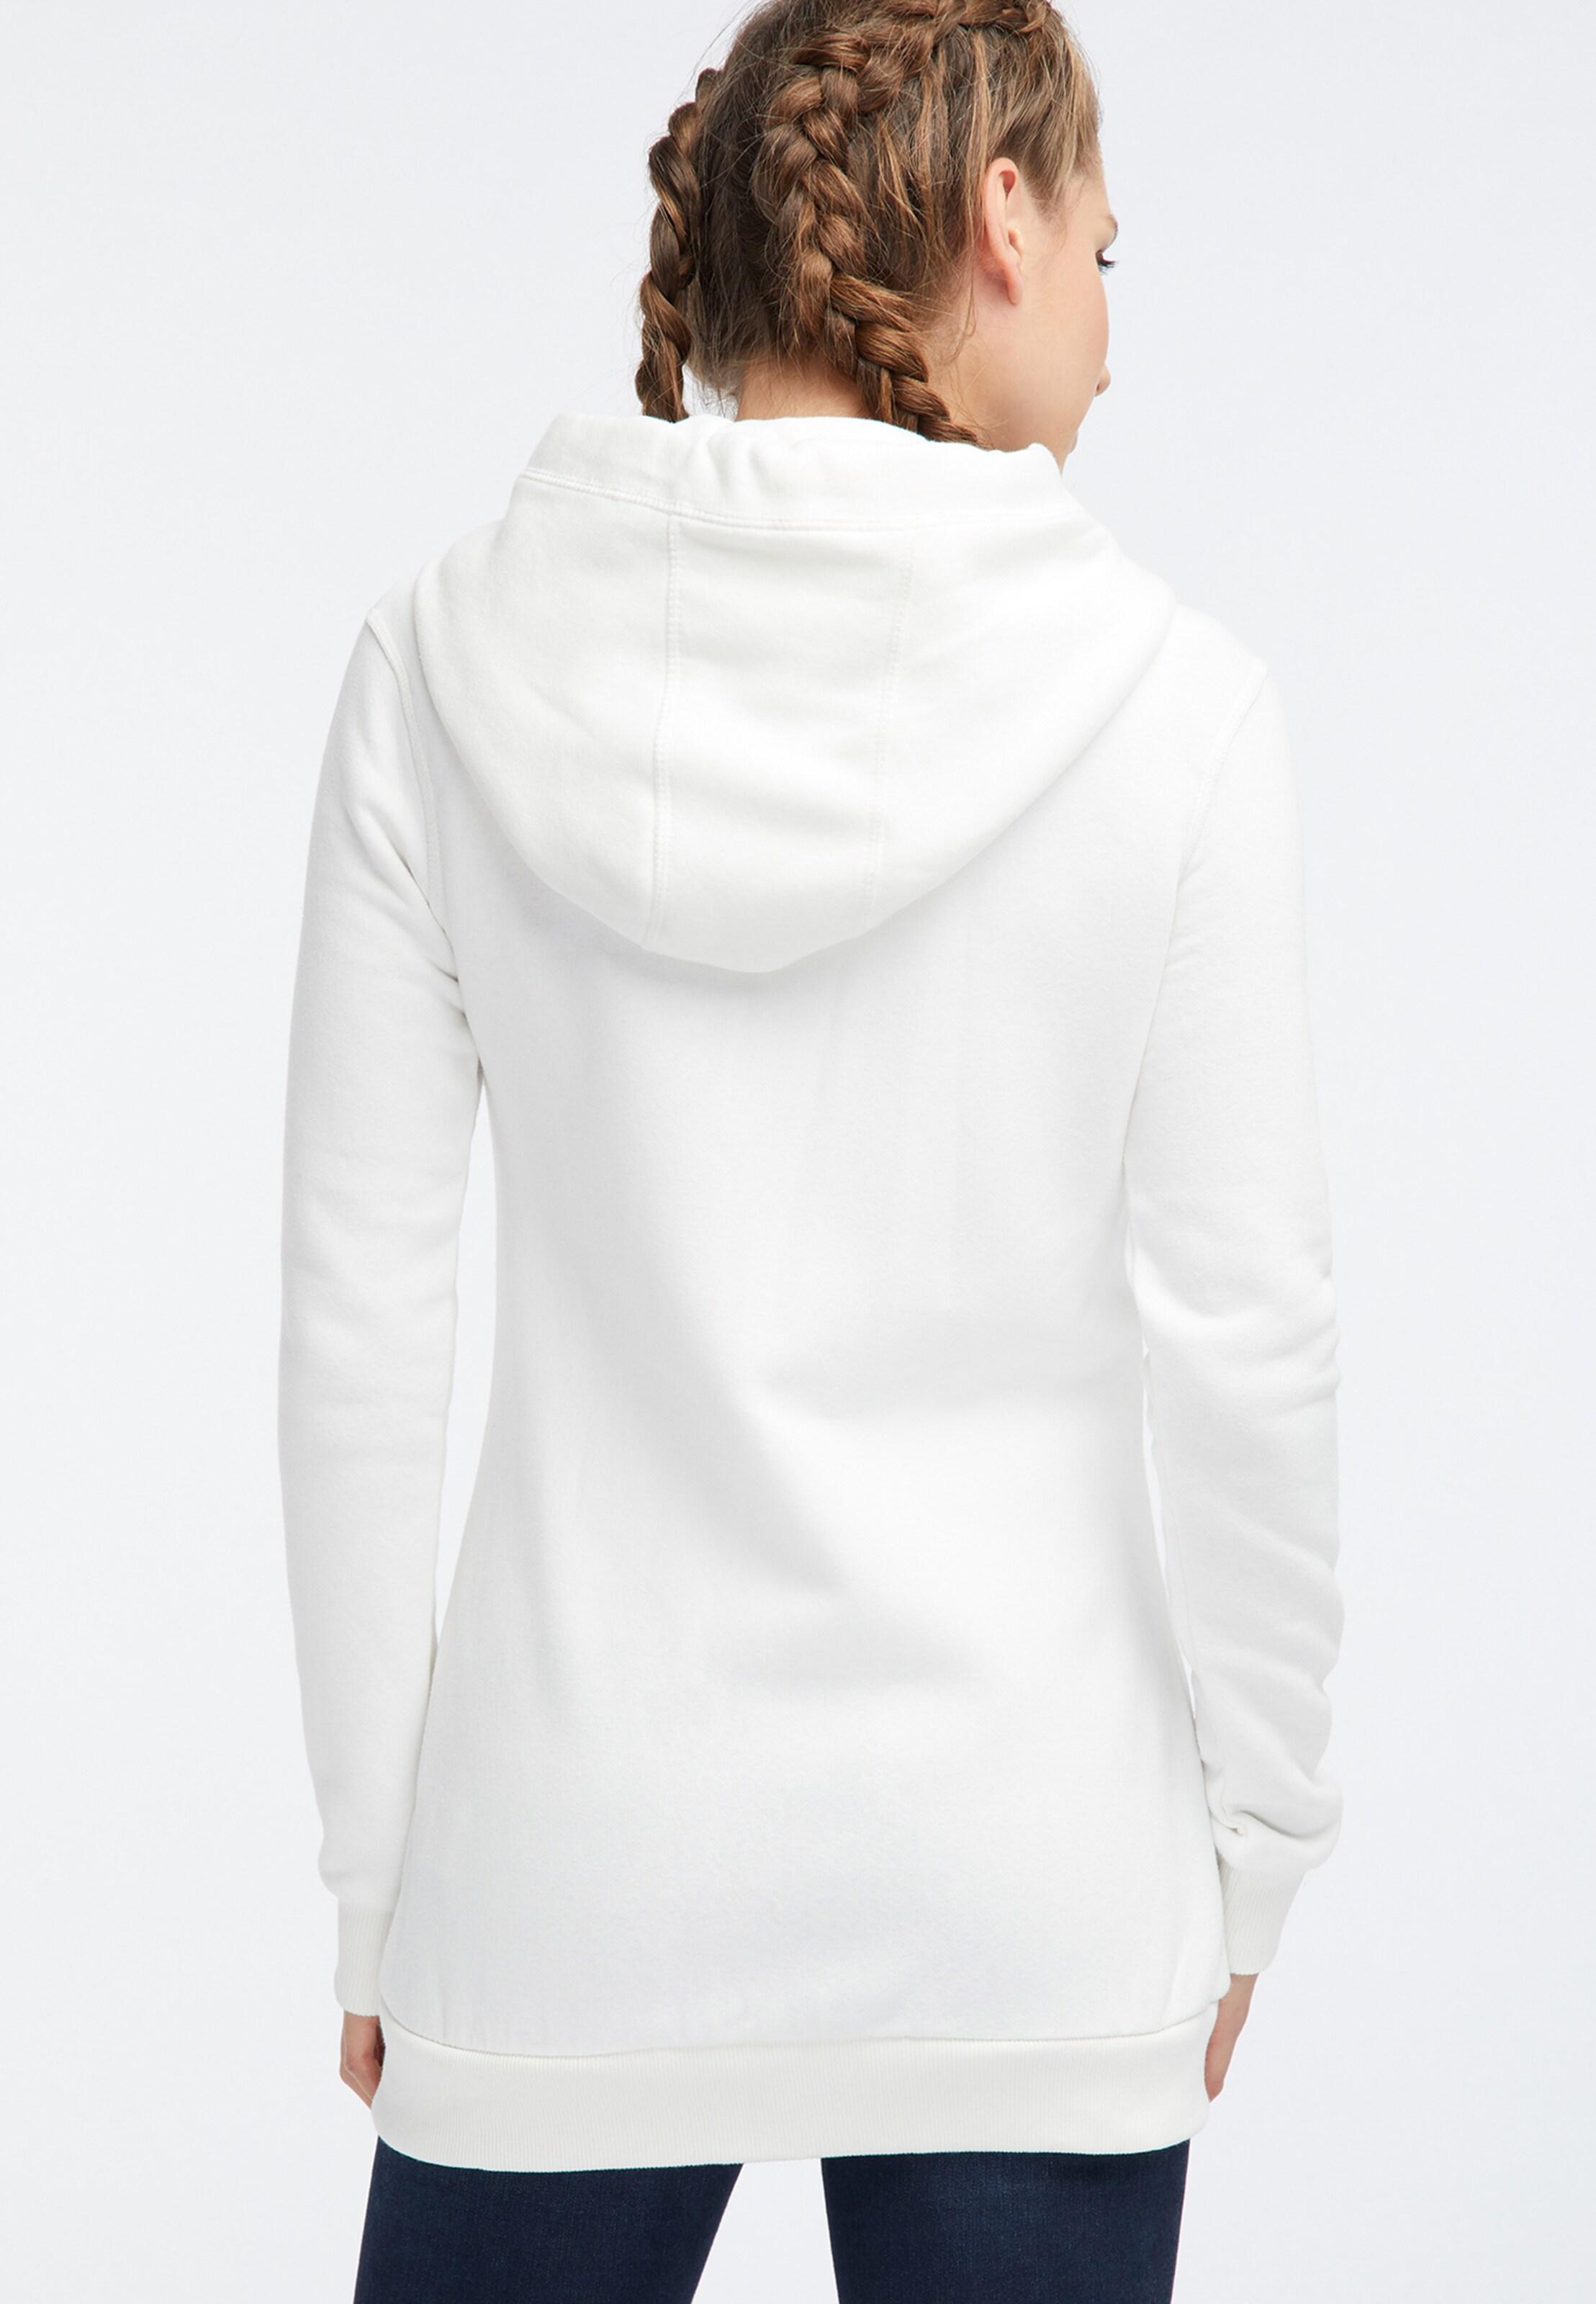 Mymo De Veste En Survêtement Blanc wTuOkXZlPi